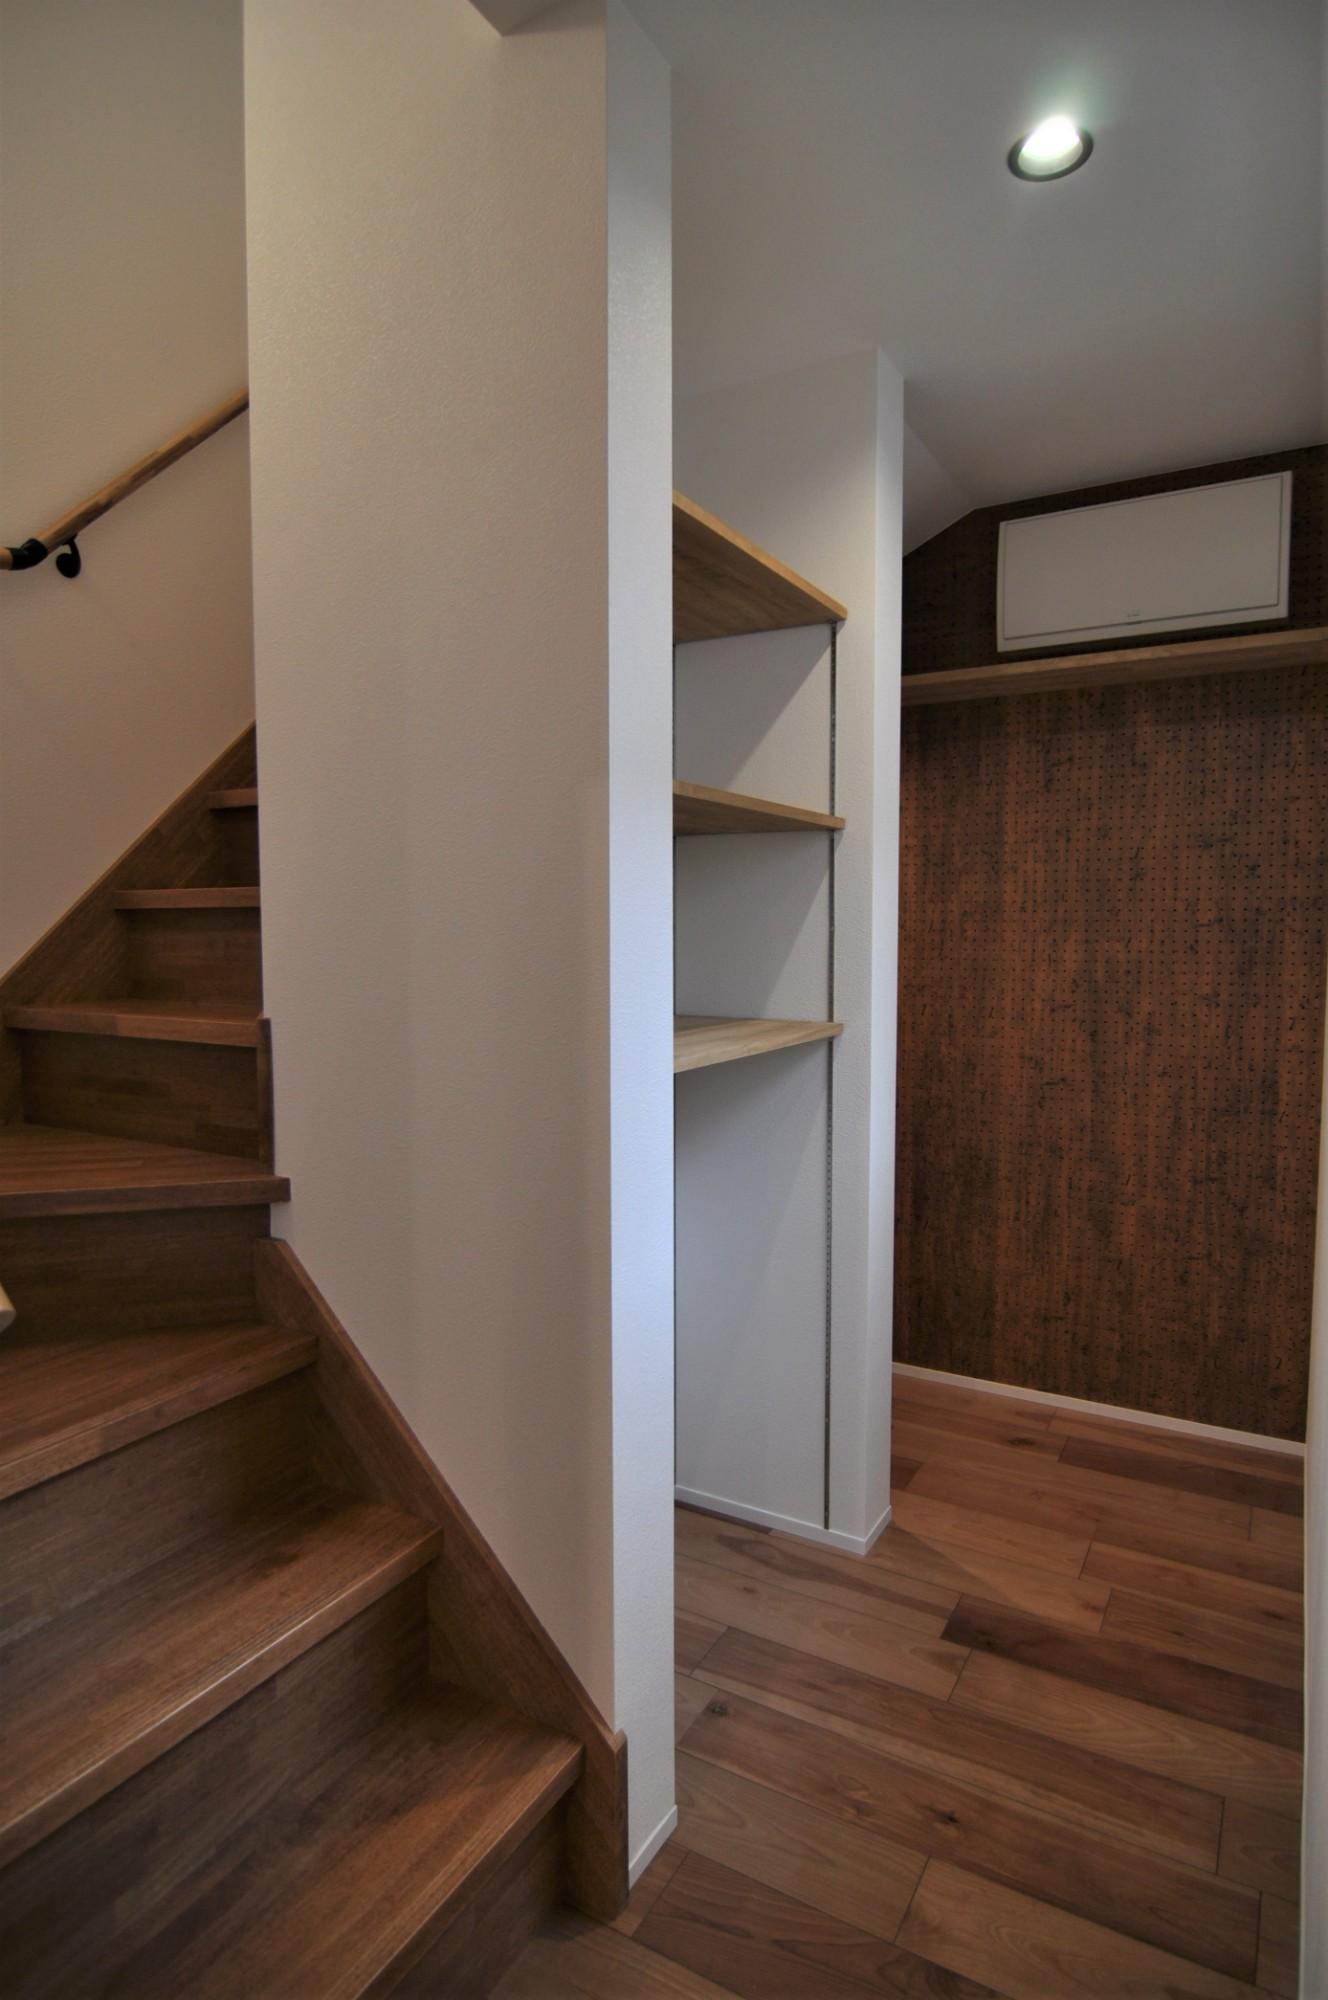 有限会社 市川建築店 1級建築士事務所「収納たっぷりガレージ住宅」のインダストリアル・ブルックリンスタイルな階段の実例写真